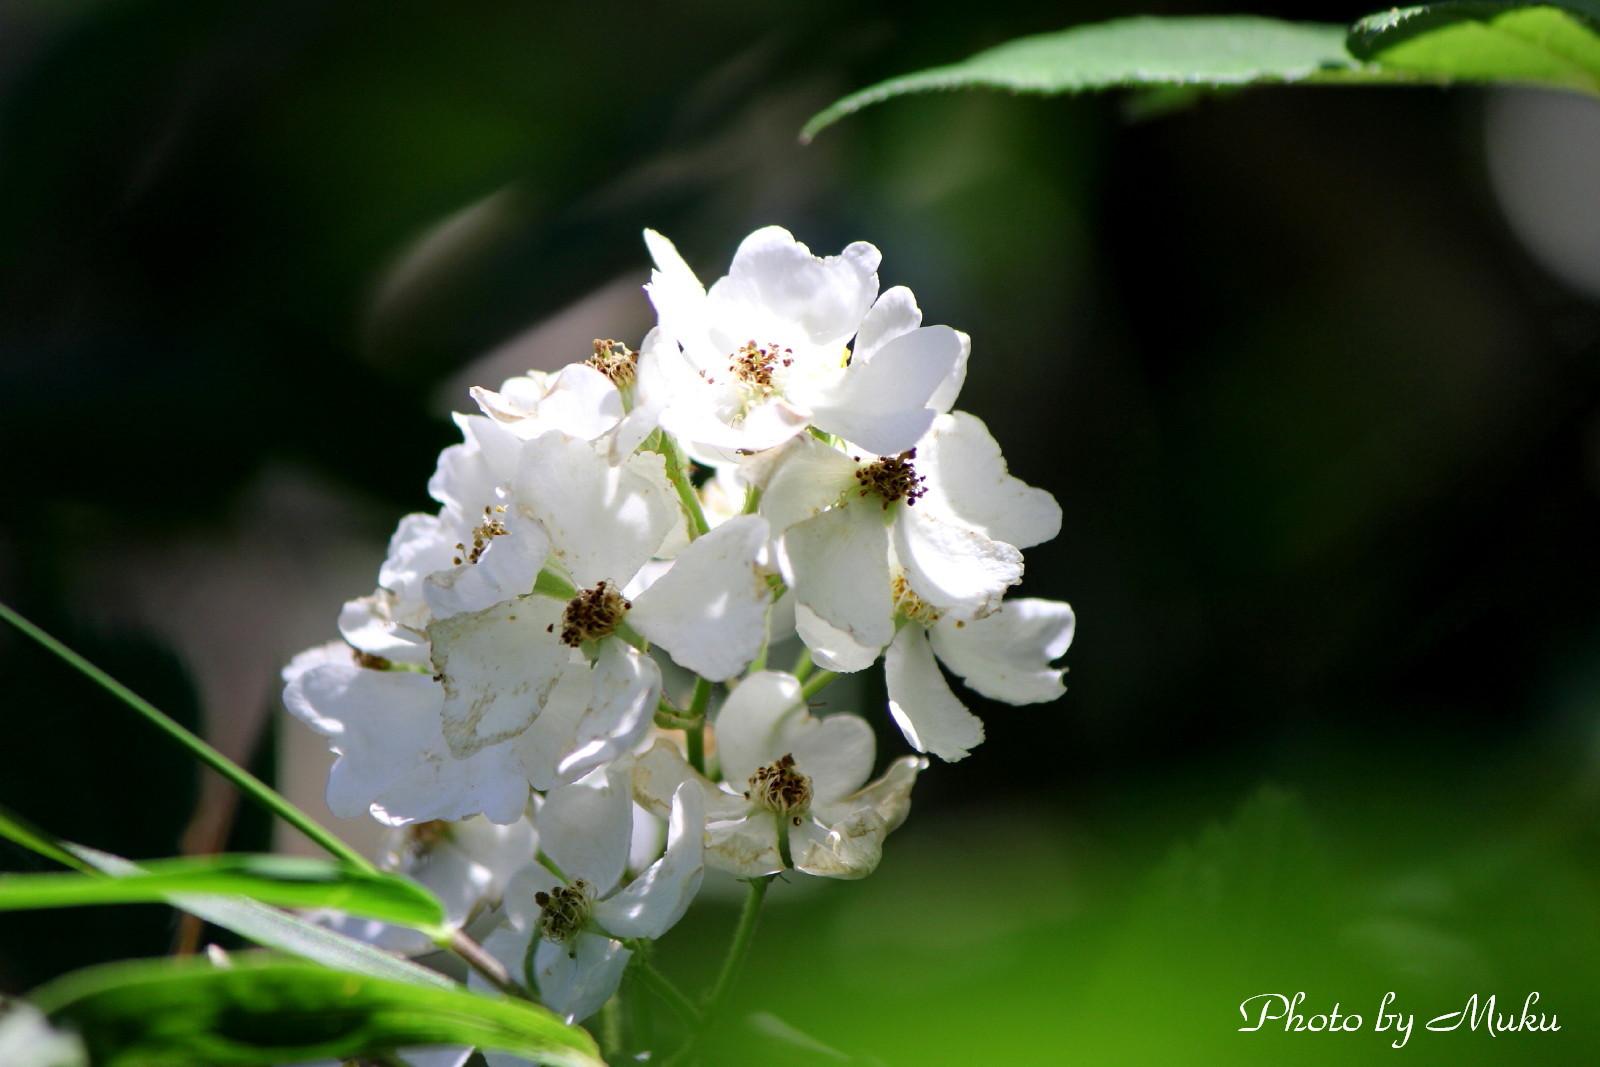 2014/05/18 野いばら(観音崎:神奈川県横須賀市)